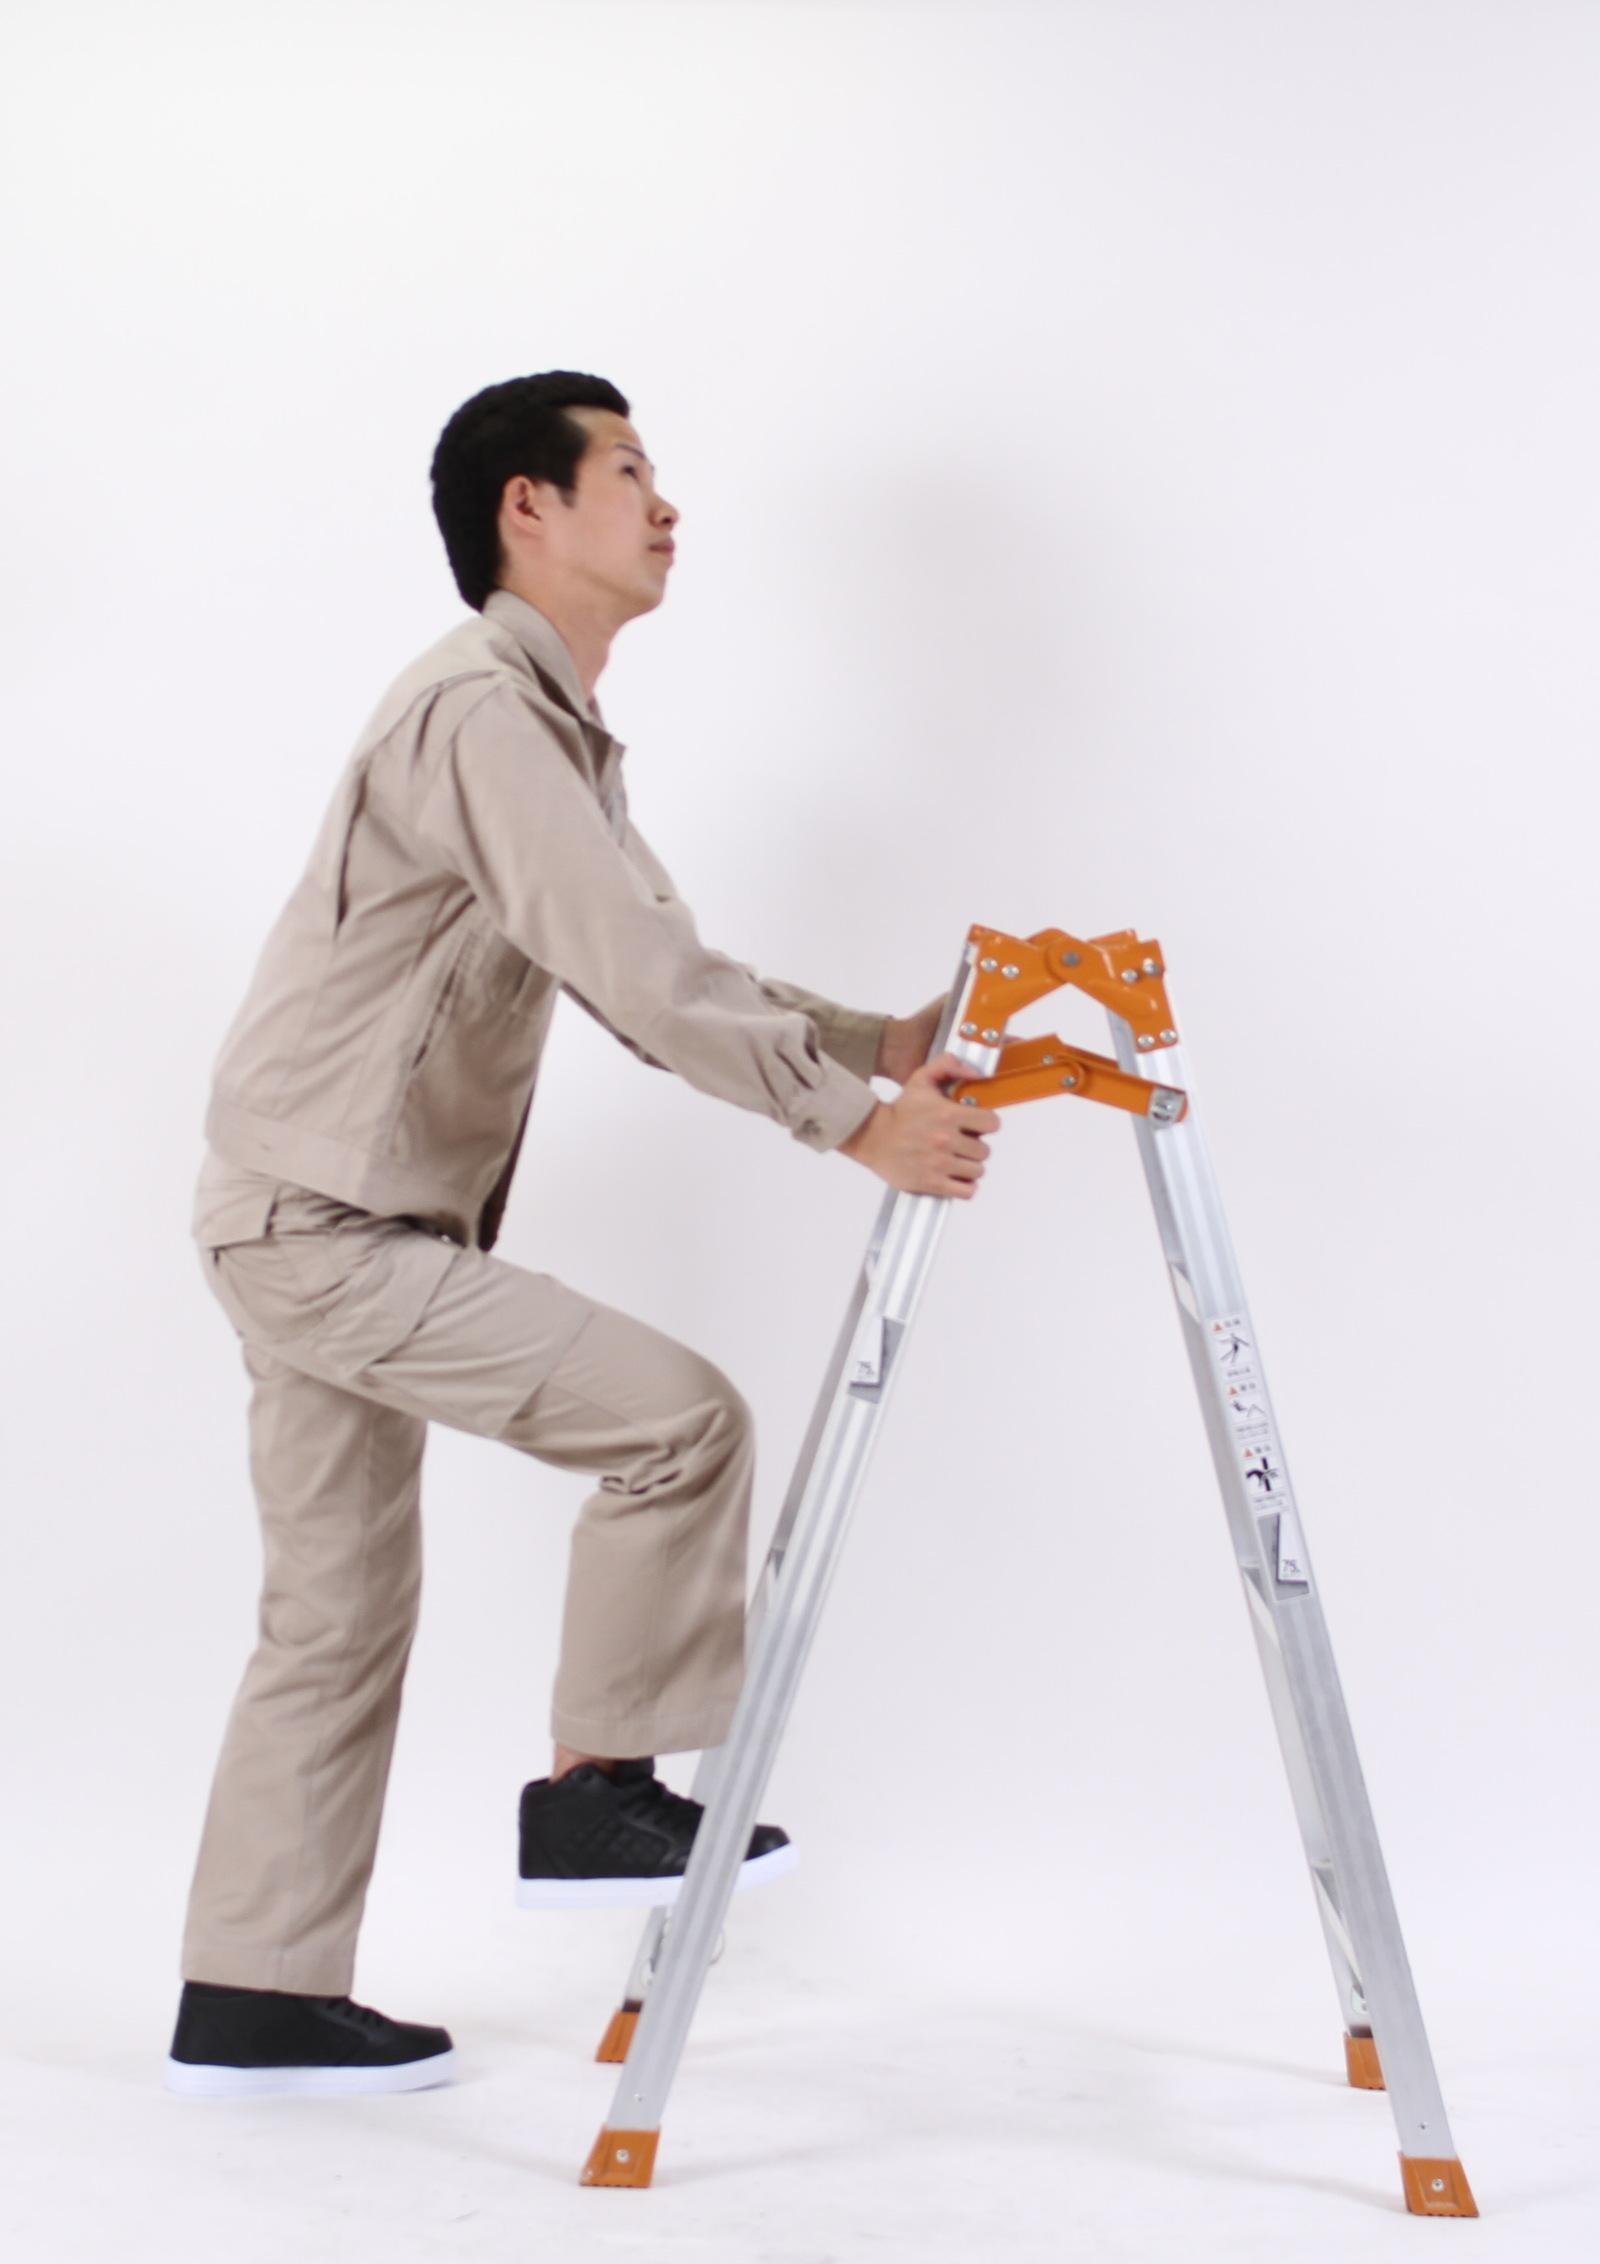 考え事をしながら脚立に登るのはやめましょう。,シニア,写真,画像,素材,老人,高齢者,フリー